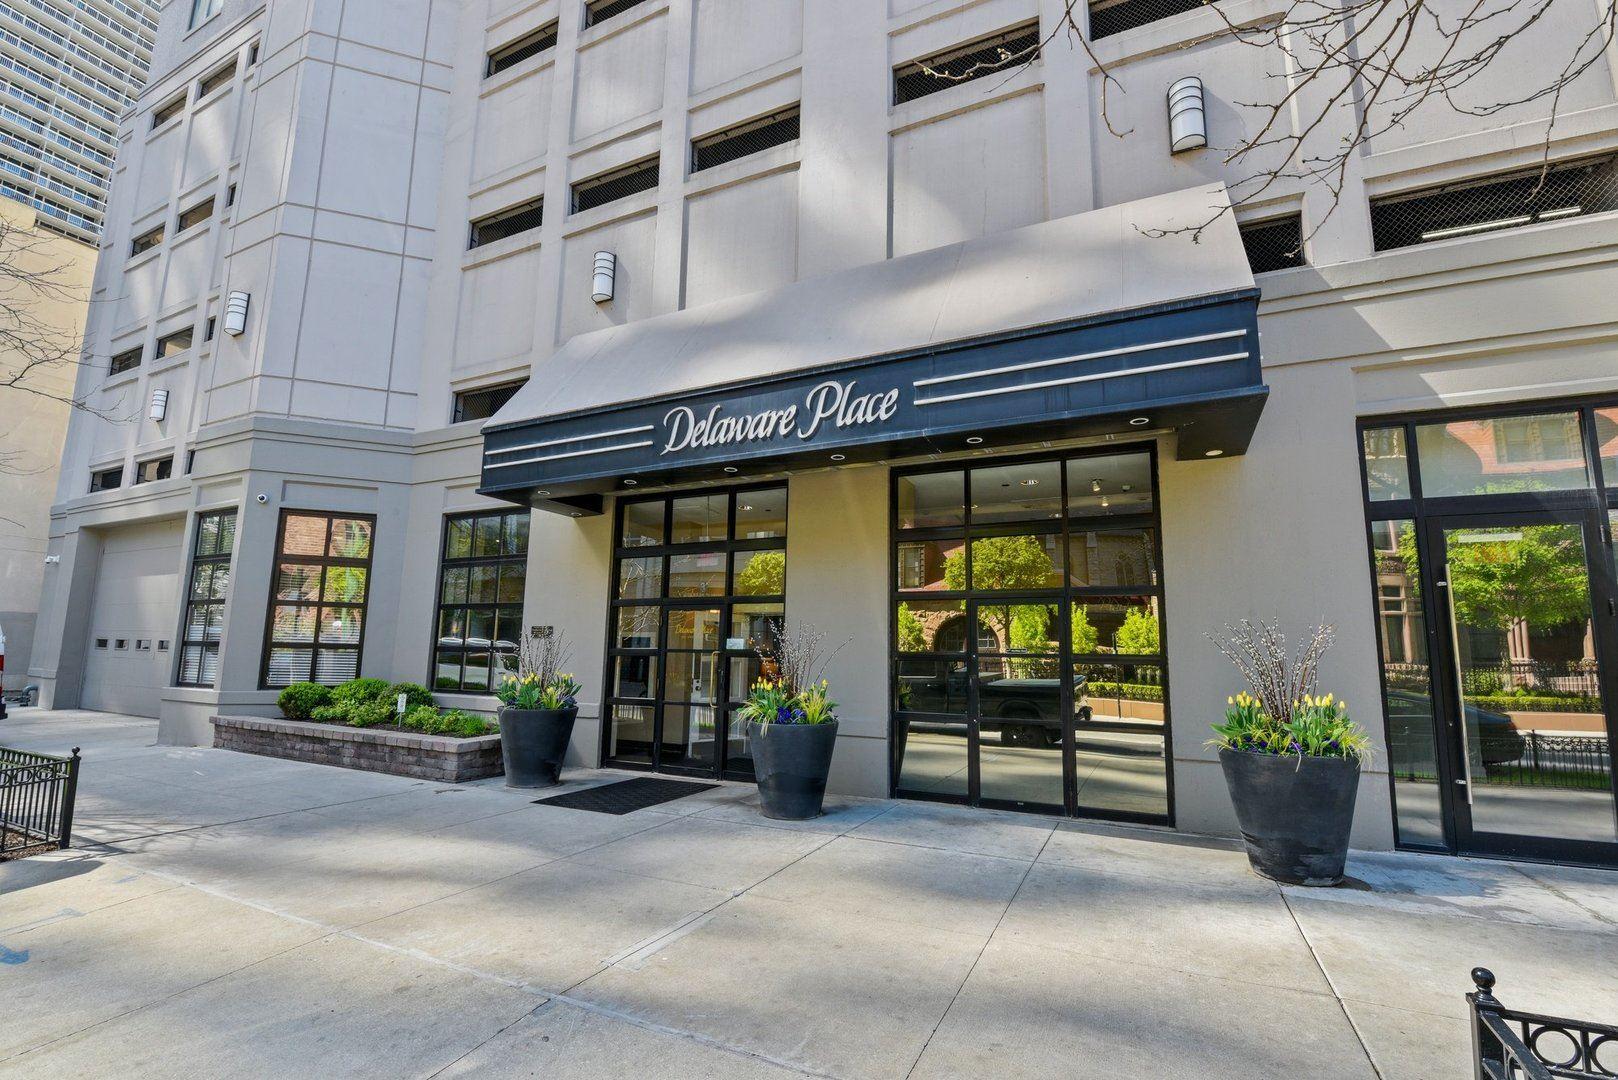 33 W Delaware Place #13G, Chicago, IL 60610 - #: 10792134